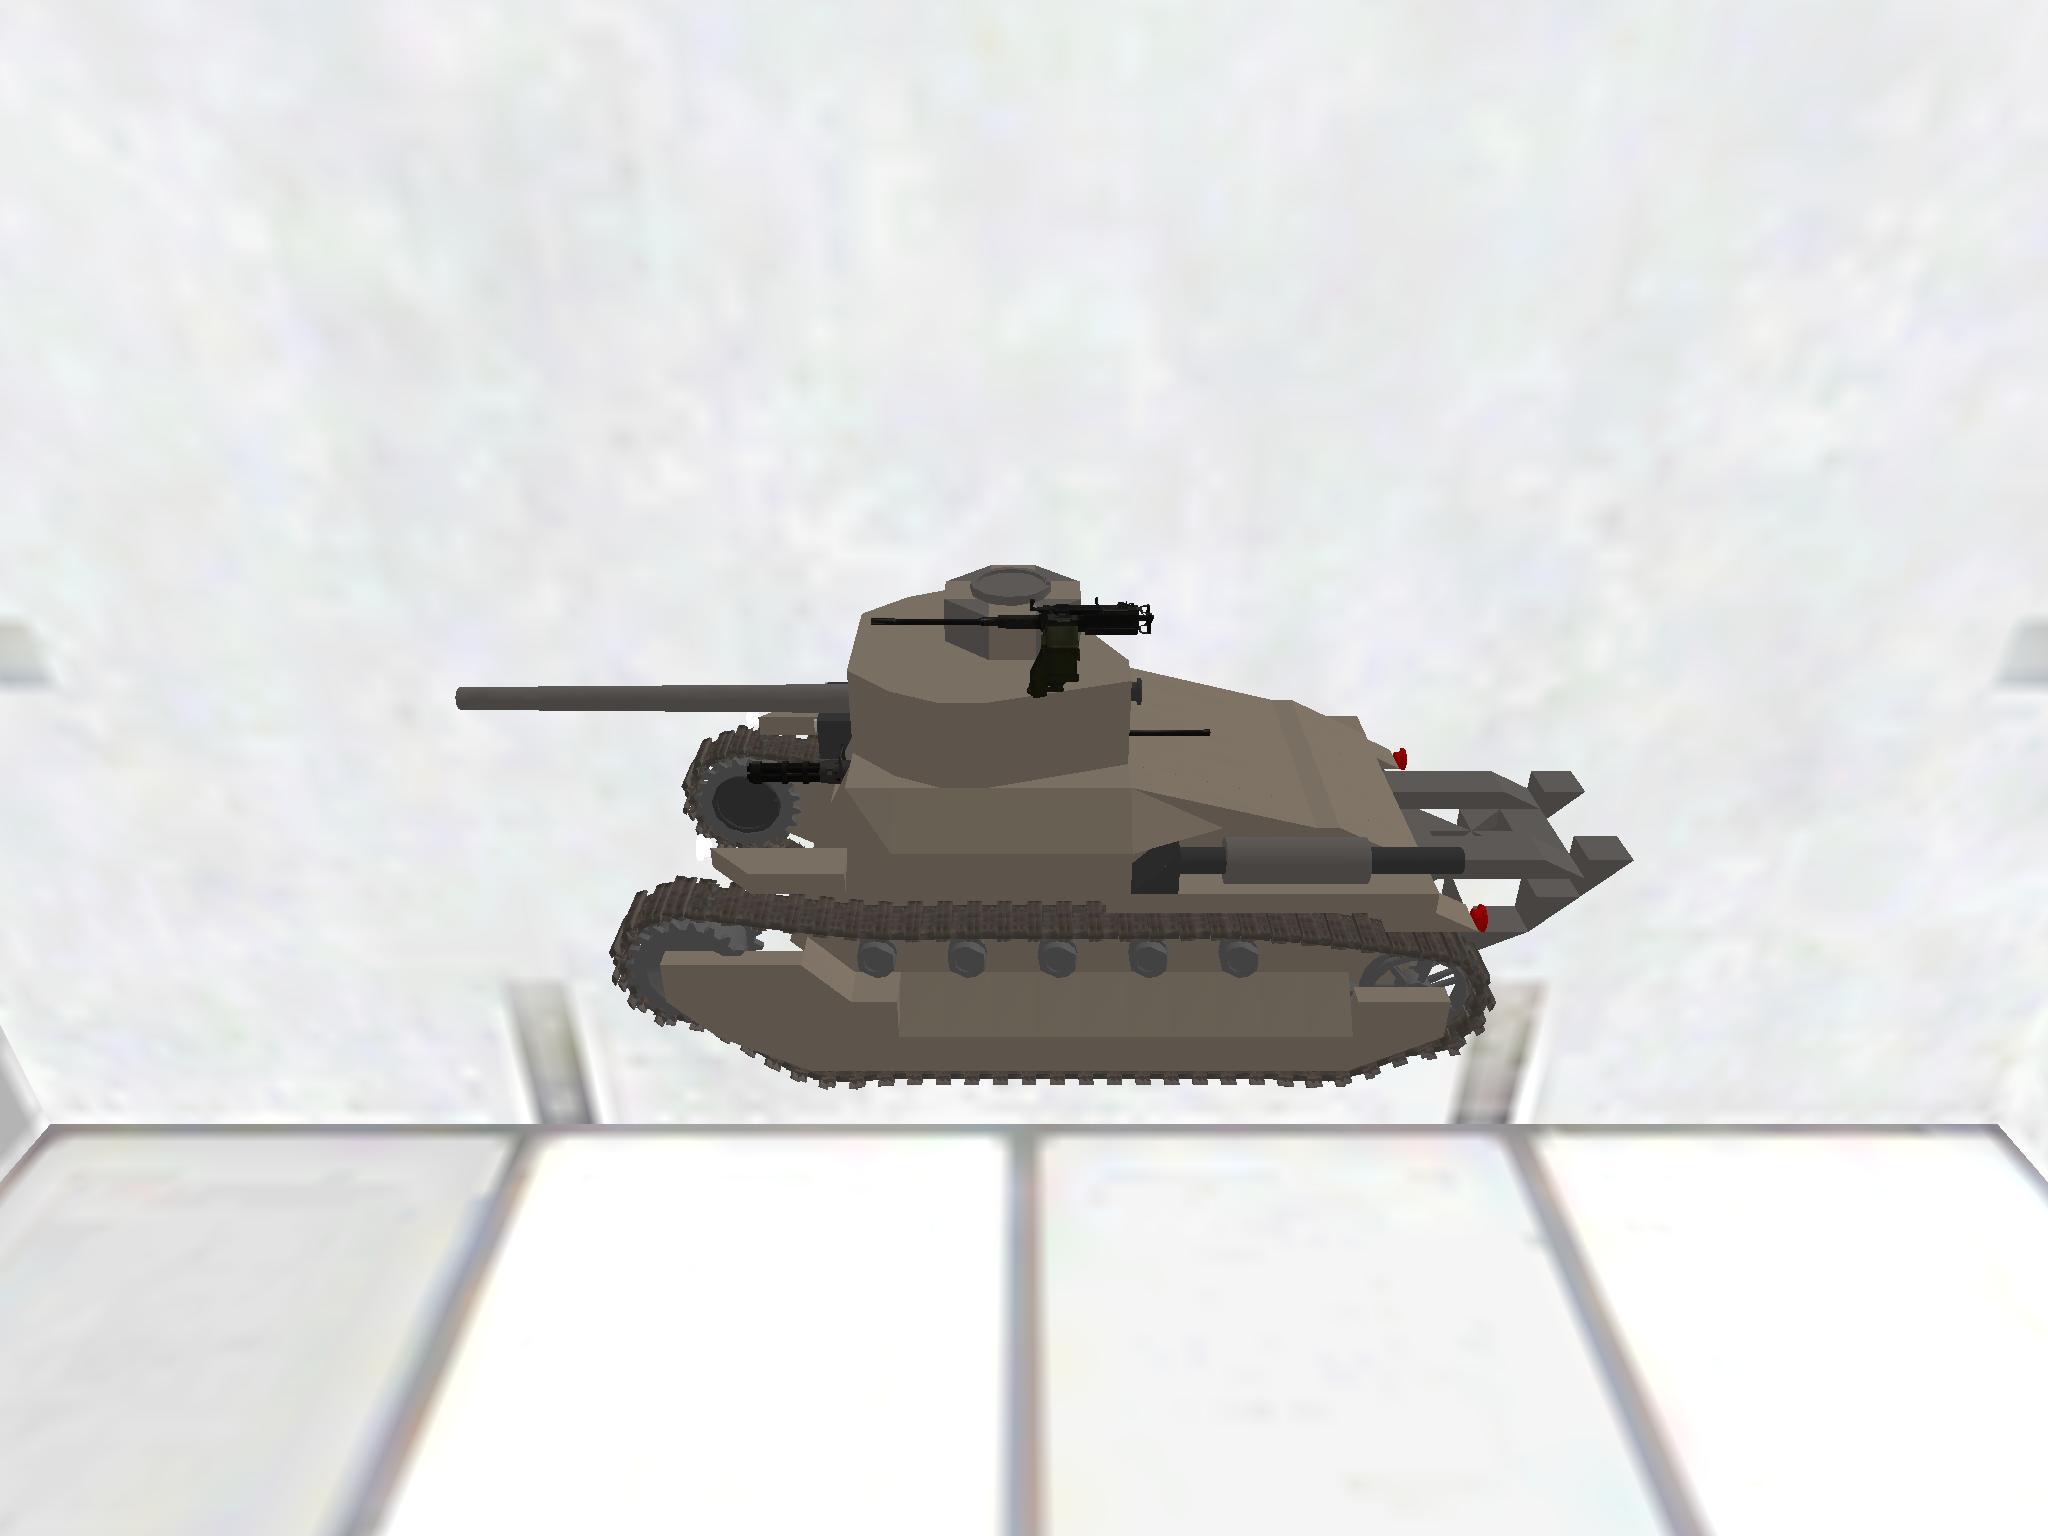 Antimatter tank